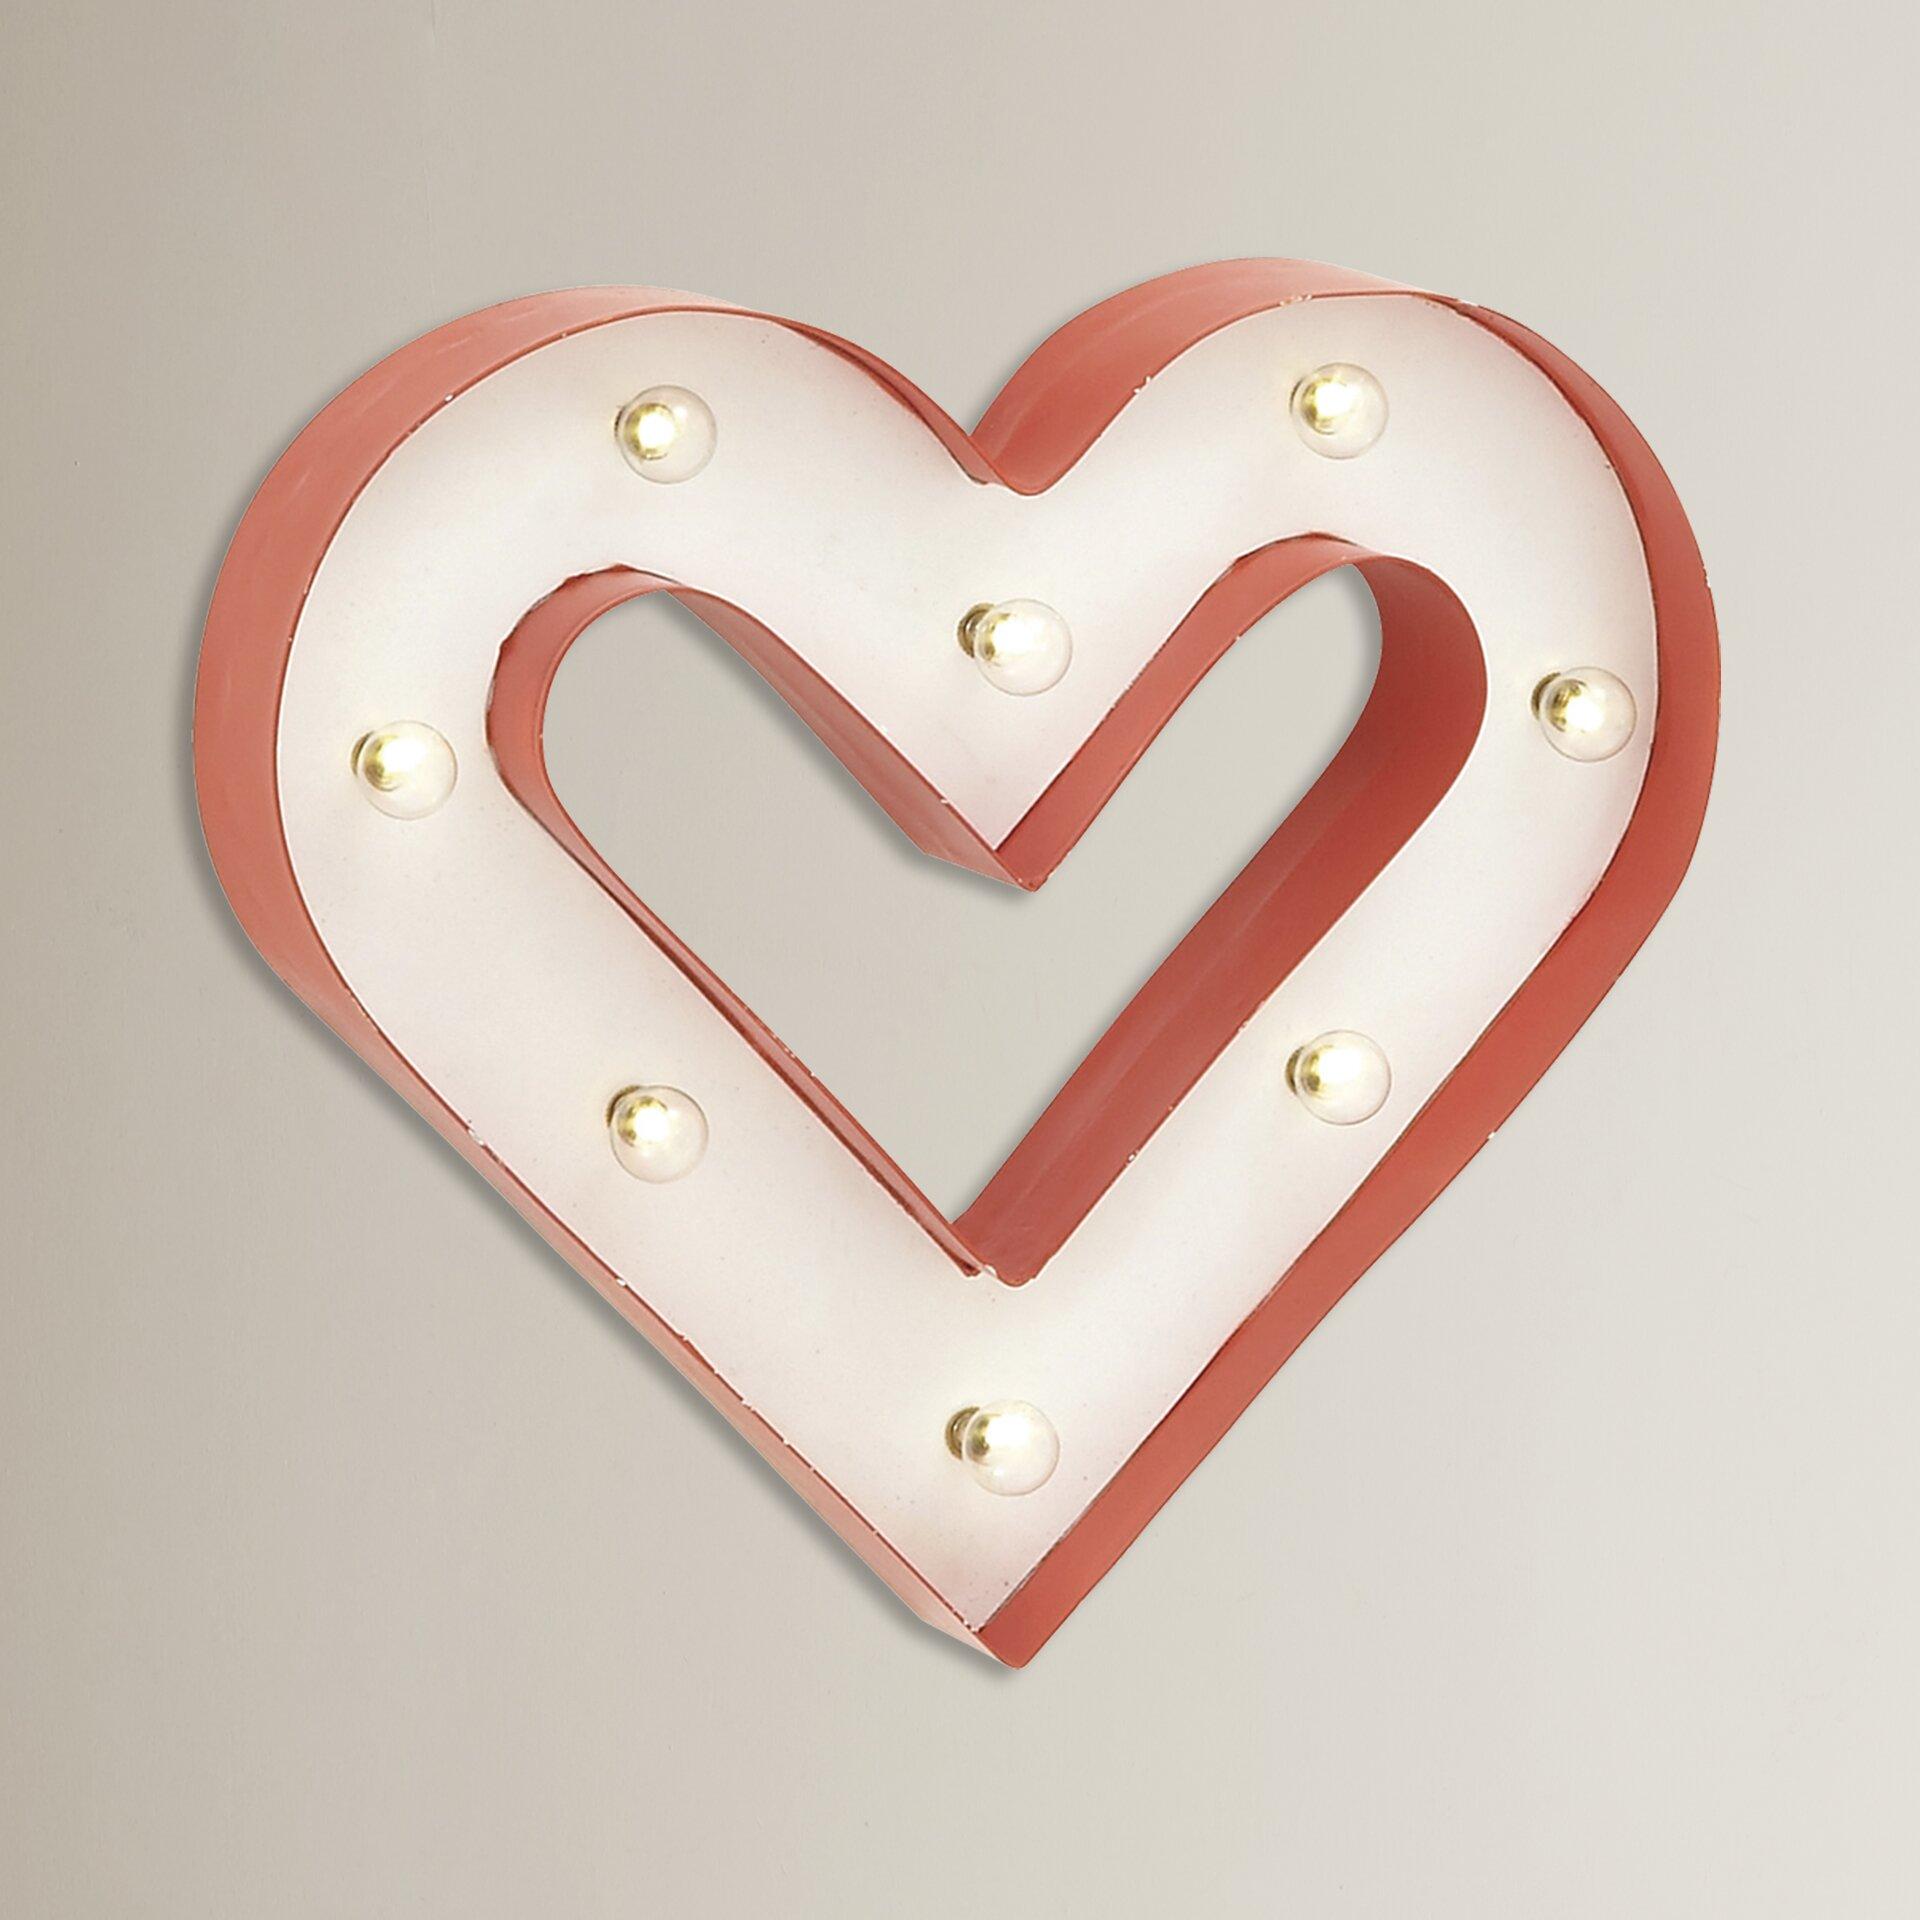 Wall Decor Led Heart : Mercury row mavek classy led heart wall d?cor reviews